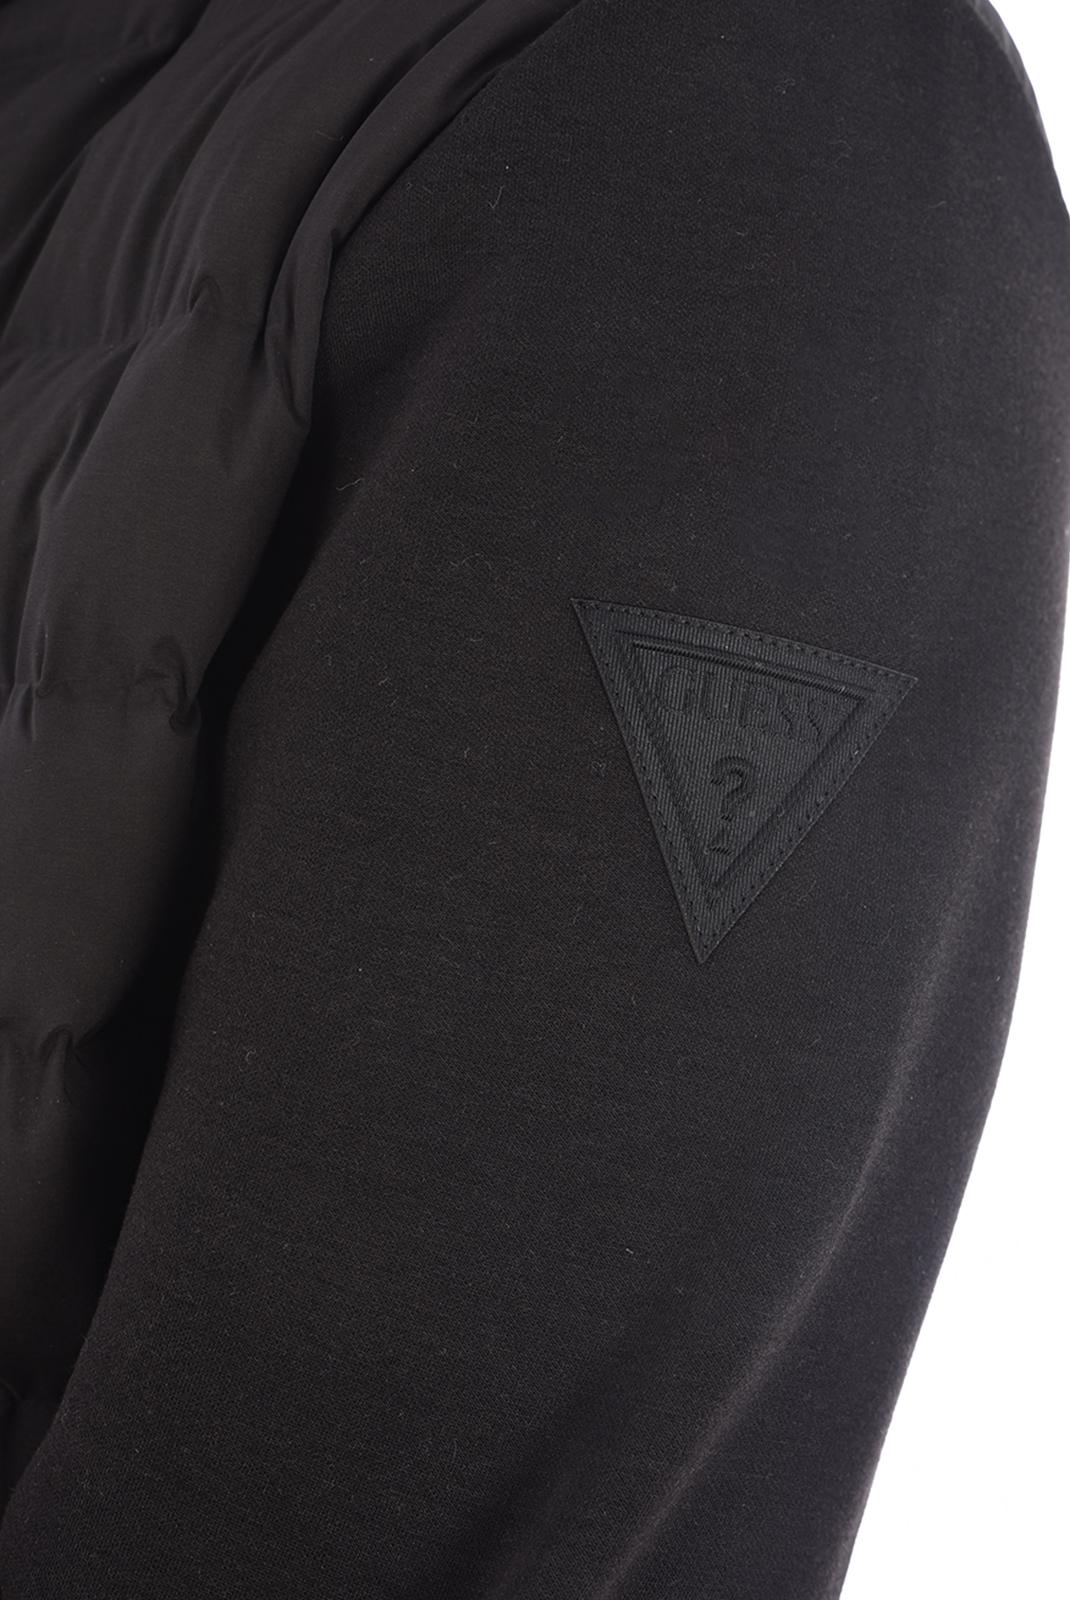 Blousons / doudounes  Guess jeans M94L39 WCD70 Noir de jais